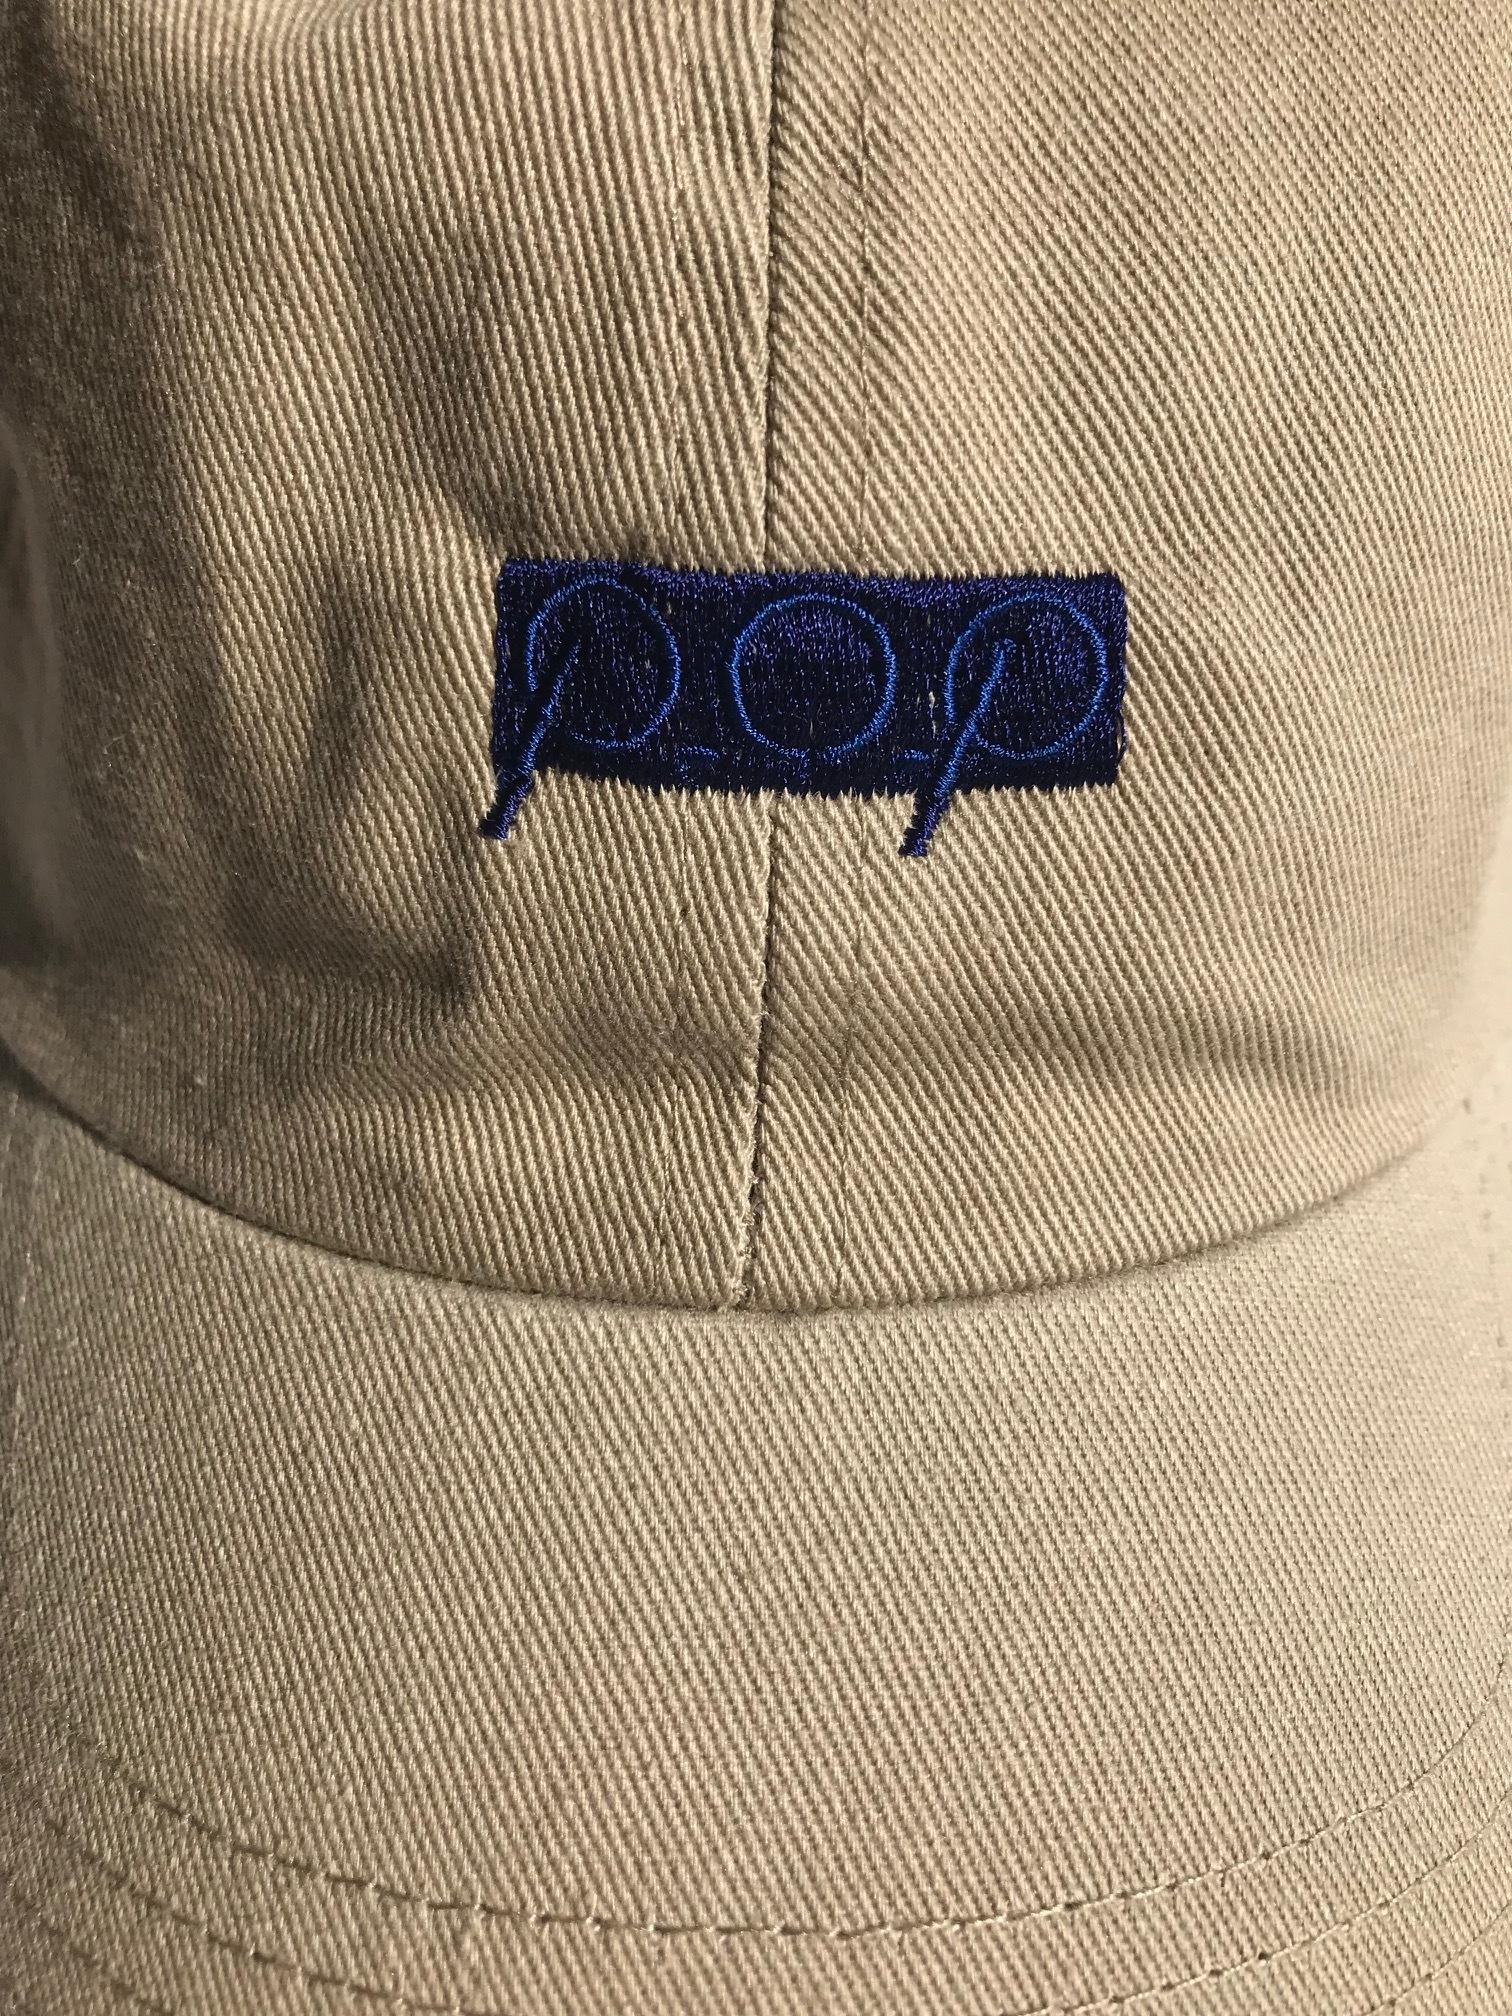 P.O.P CAP 2018 SUMMER - 画像4